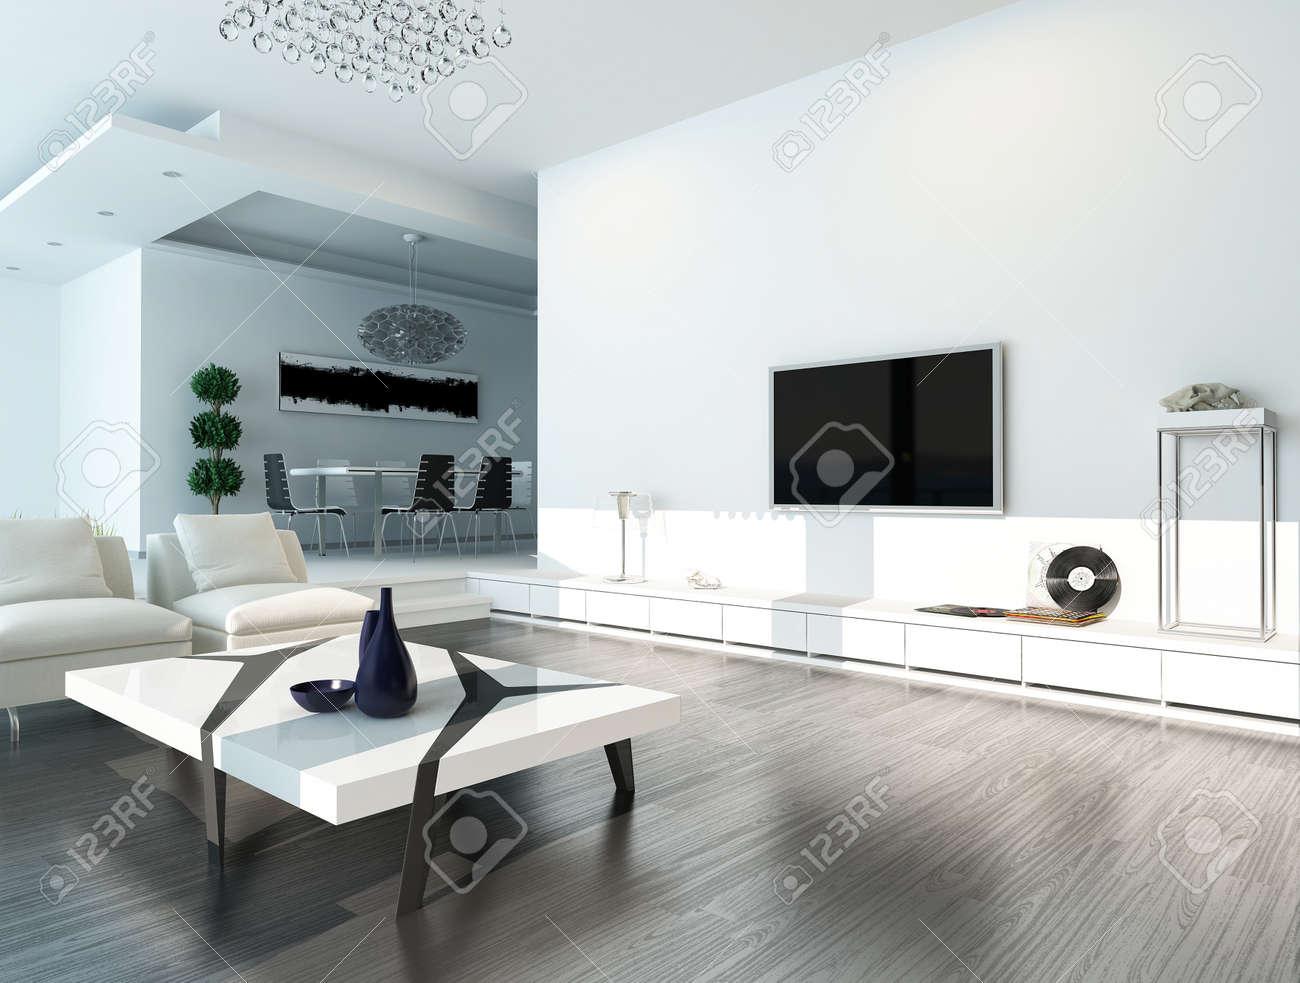 Banque Du0027images   Intérieur Moderne Salon Design Avec Un Canapé Blanc, Une  Table Basse